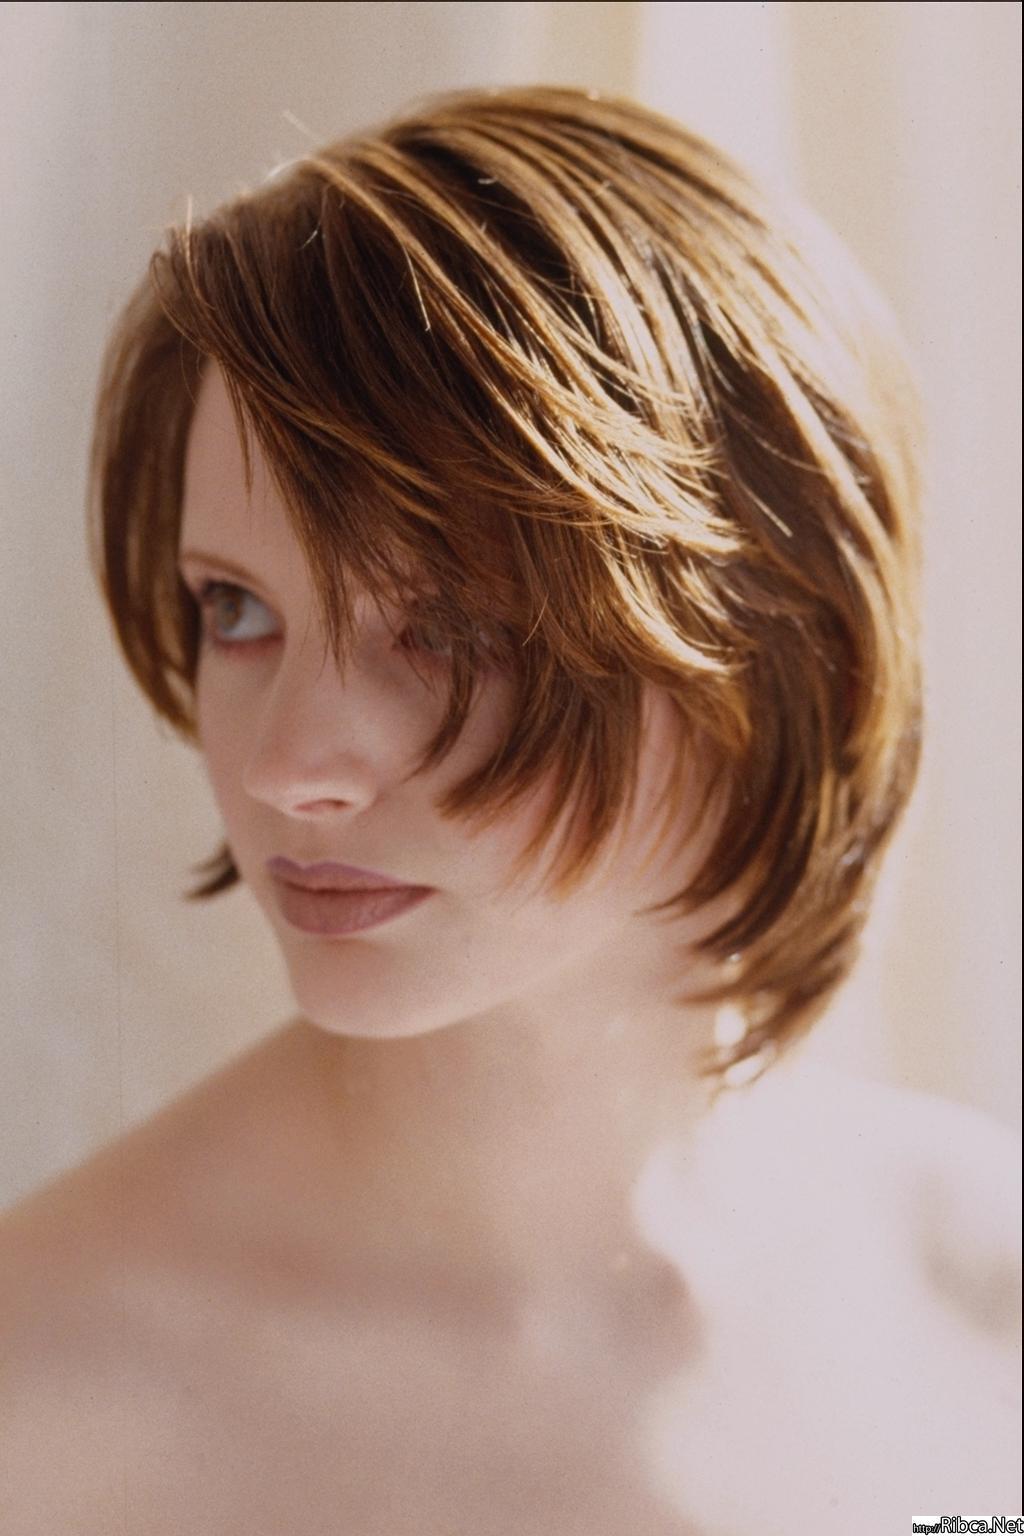 Как выглядит прическа лесенка на короткие волосы фото